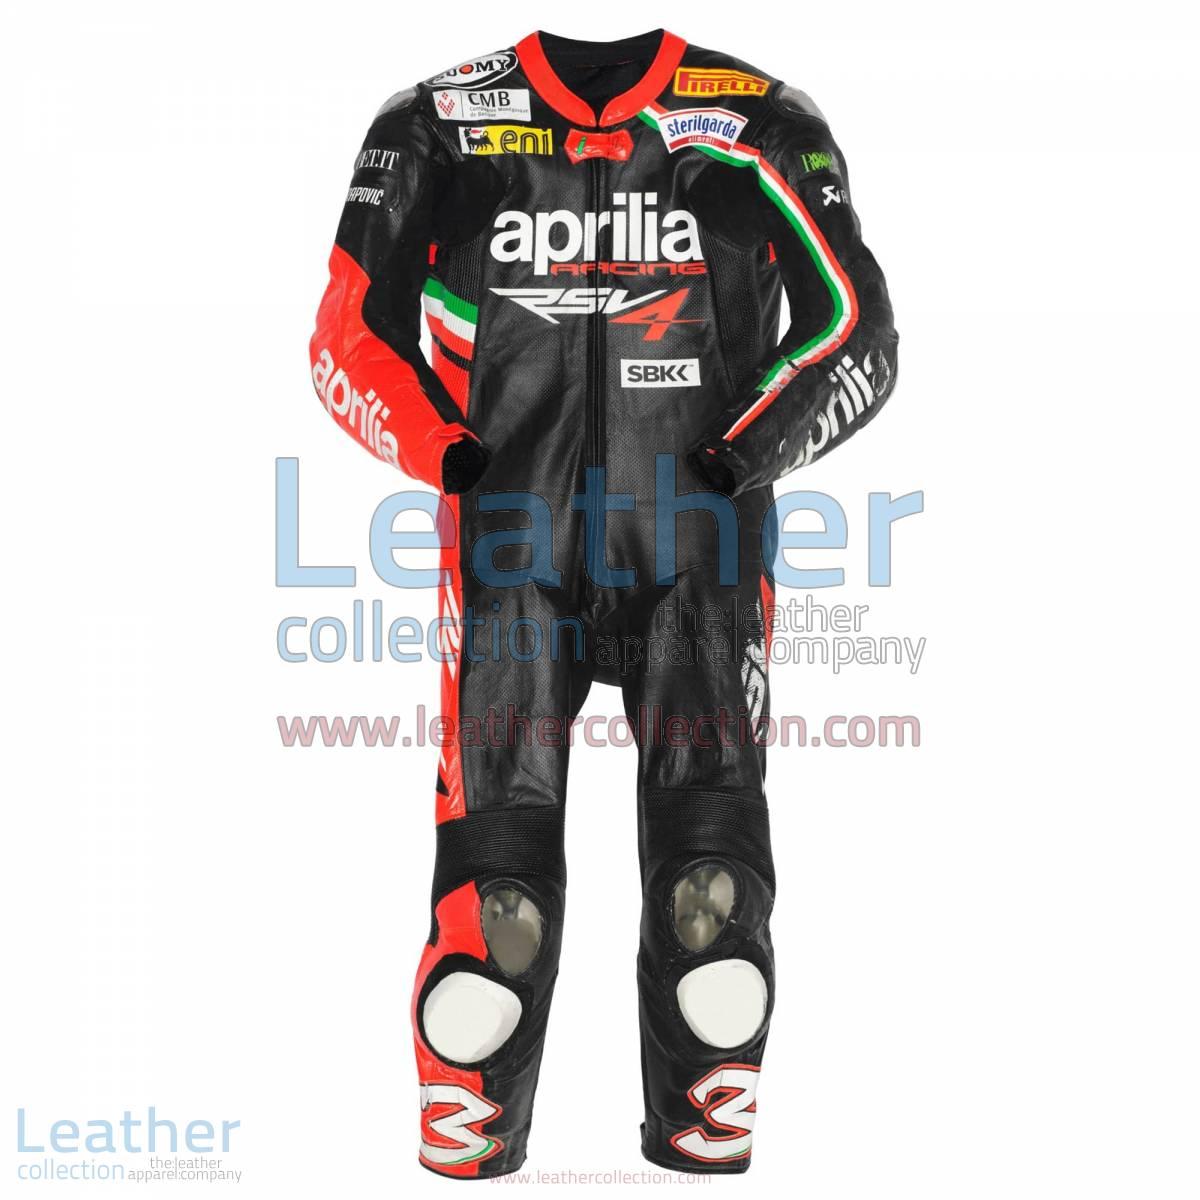 Max Biaggi Aprilia 2012 Race Leathers | aprilia race leathers